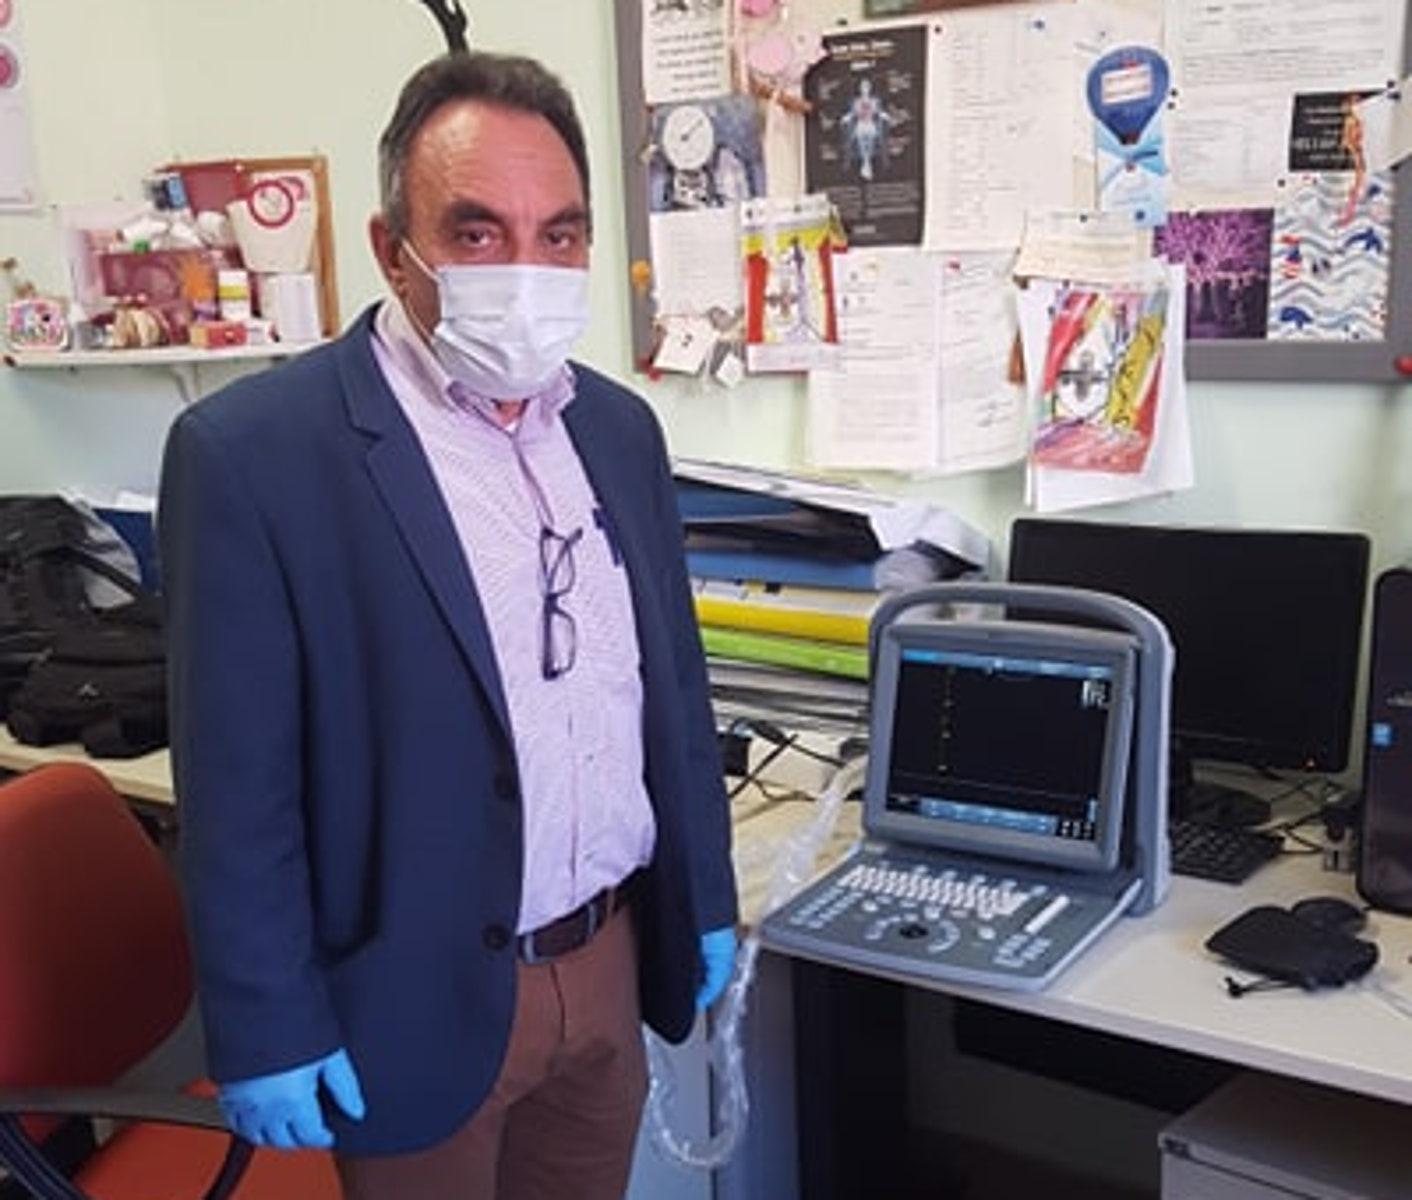 Δωρεά της ΓΣΕΕ στο ΕΣΥ πέντε μονάδων ΜΕΘ και αναπνευστήρες